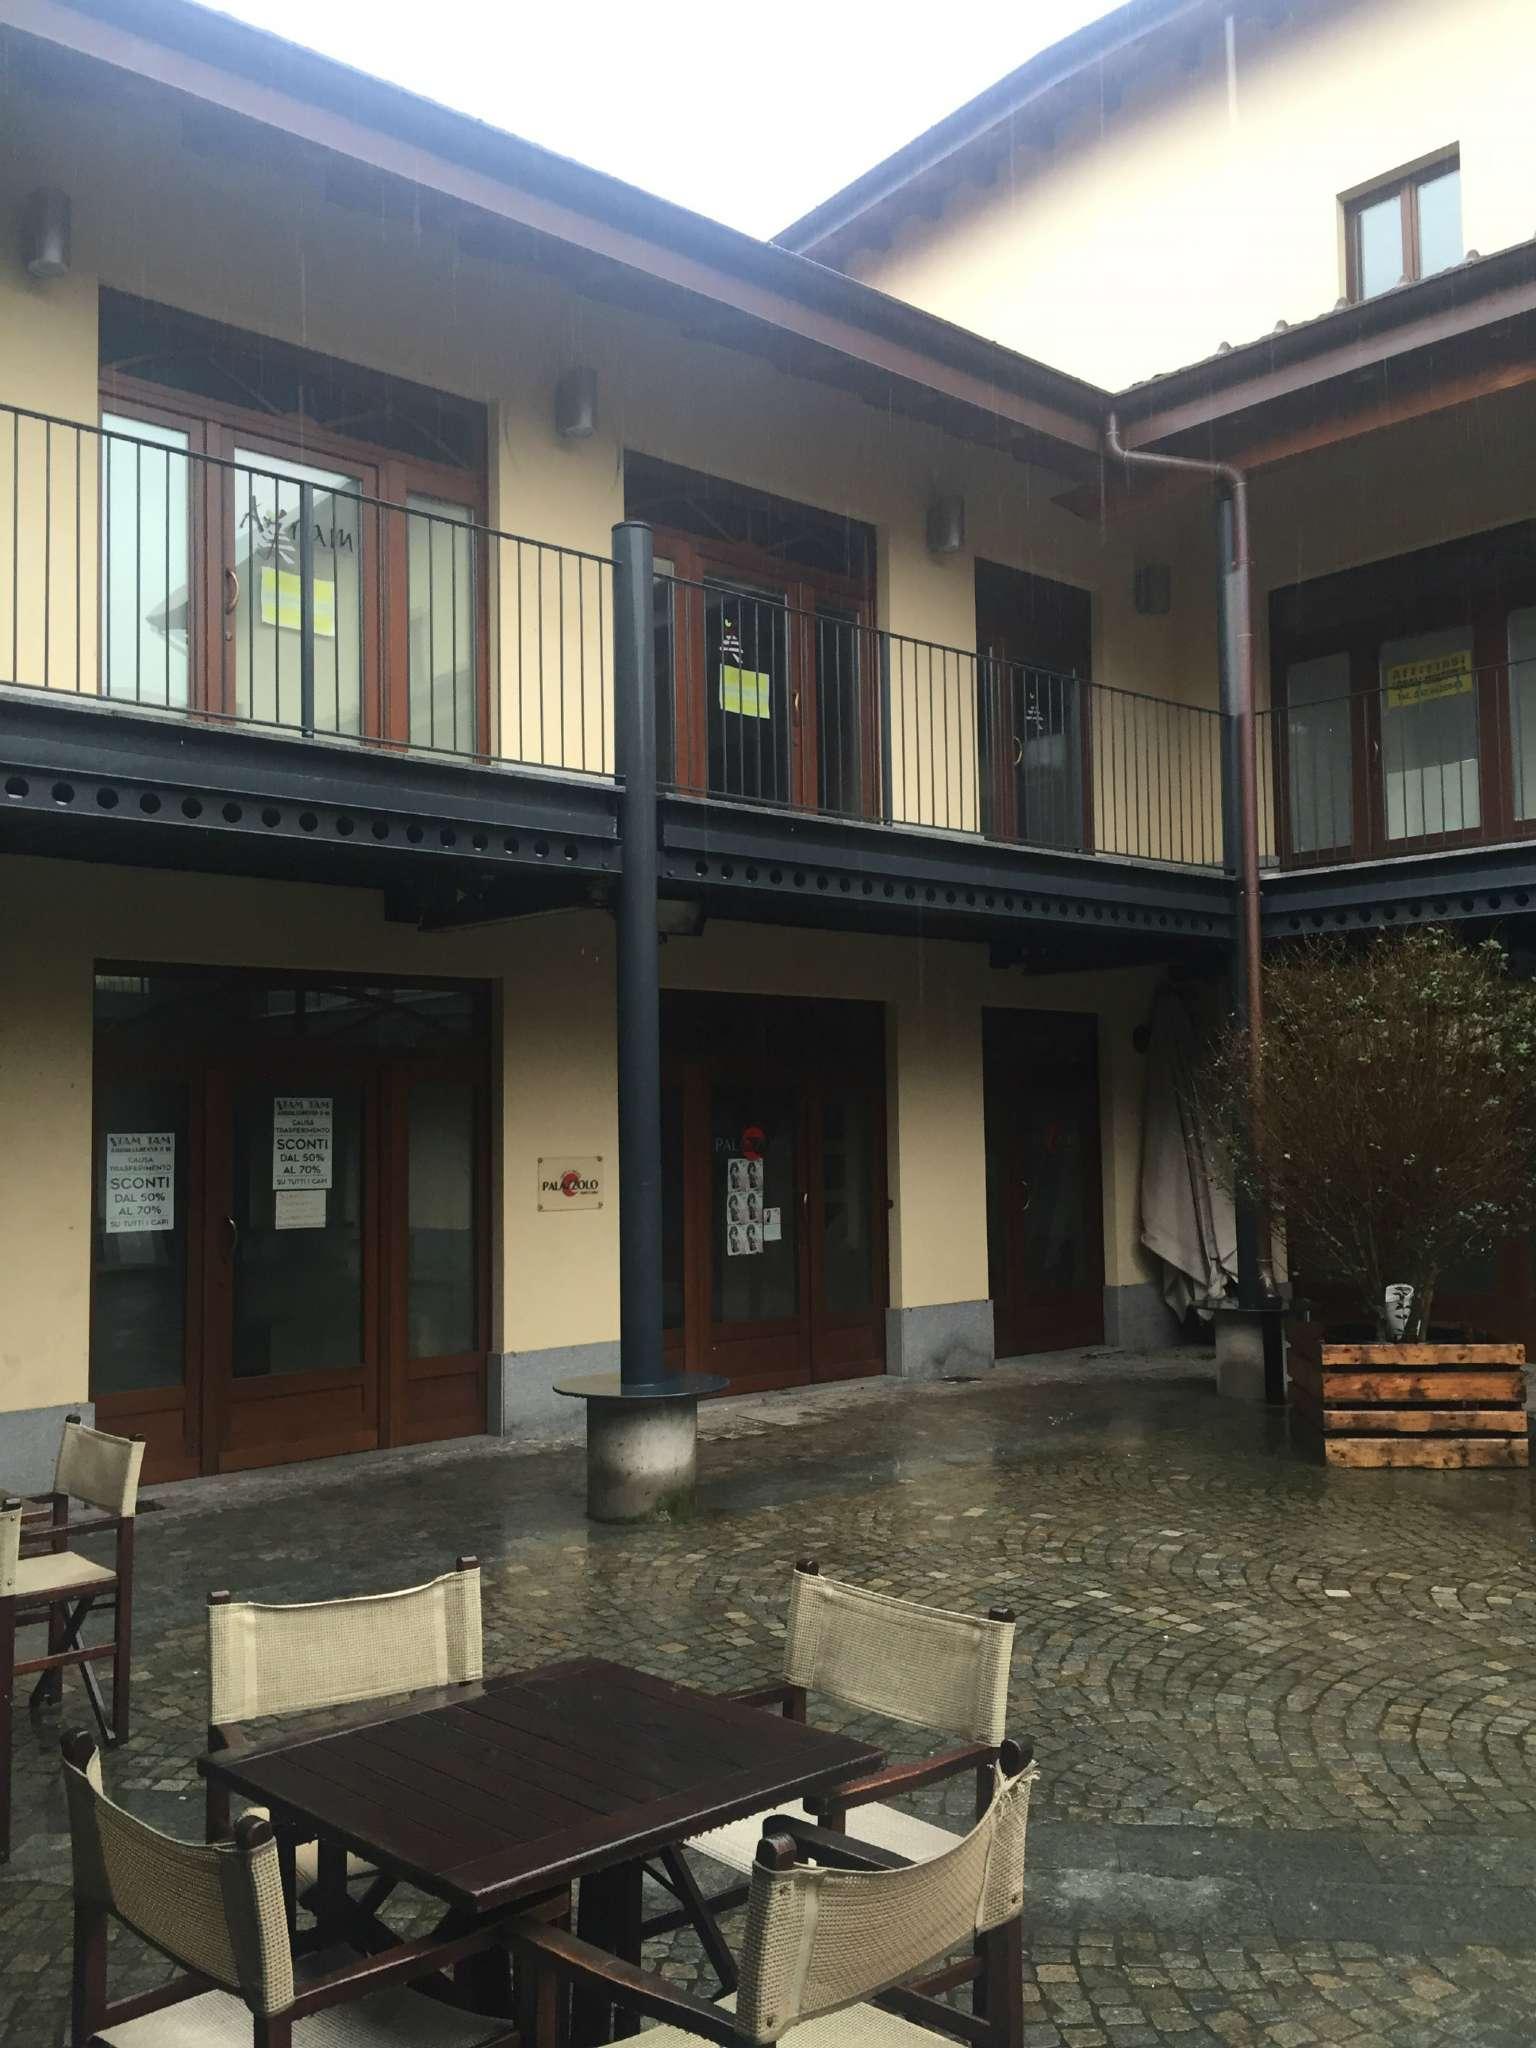 Negozio / Locale in vendita a Volpiano, 2 locali, prezzo € 49.600 | Cambio Casa.it